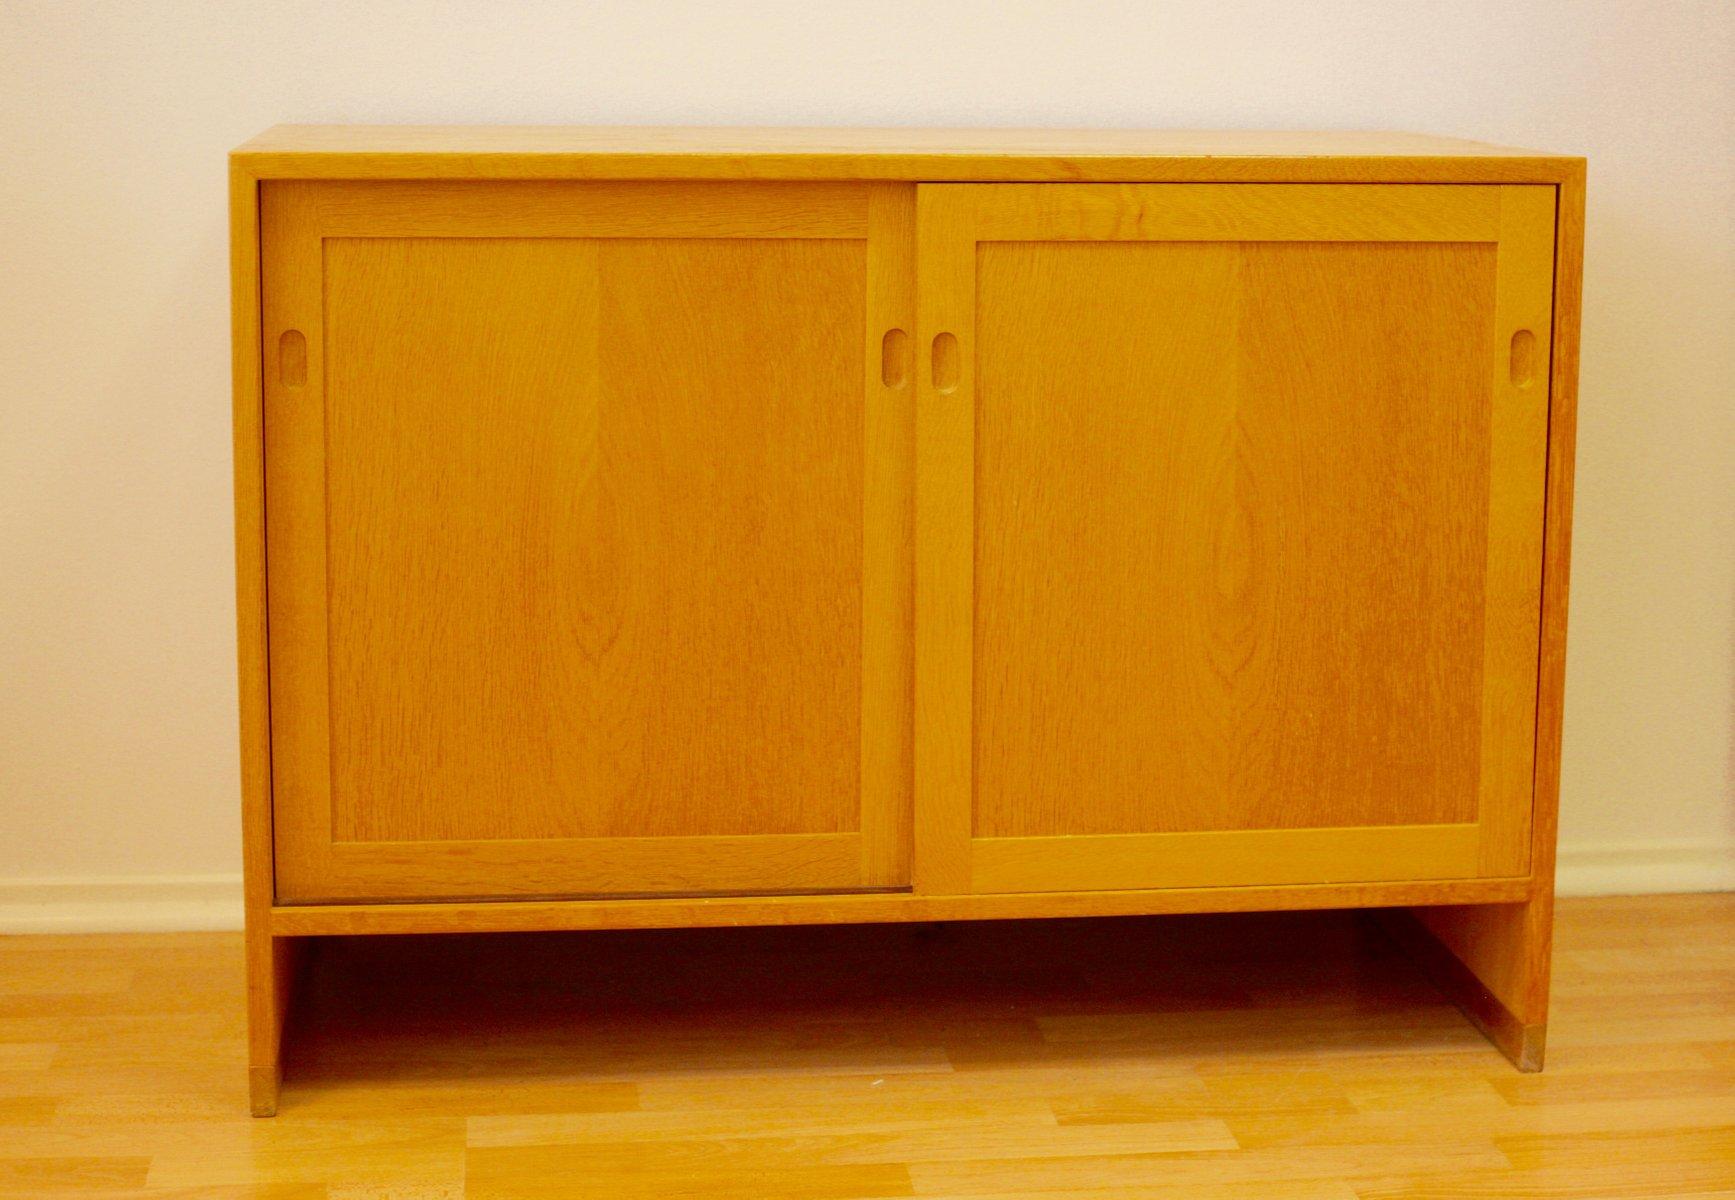 100 Serie Sideboard von Hans J. Wegner für Ry Møbler, 1979